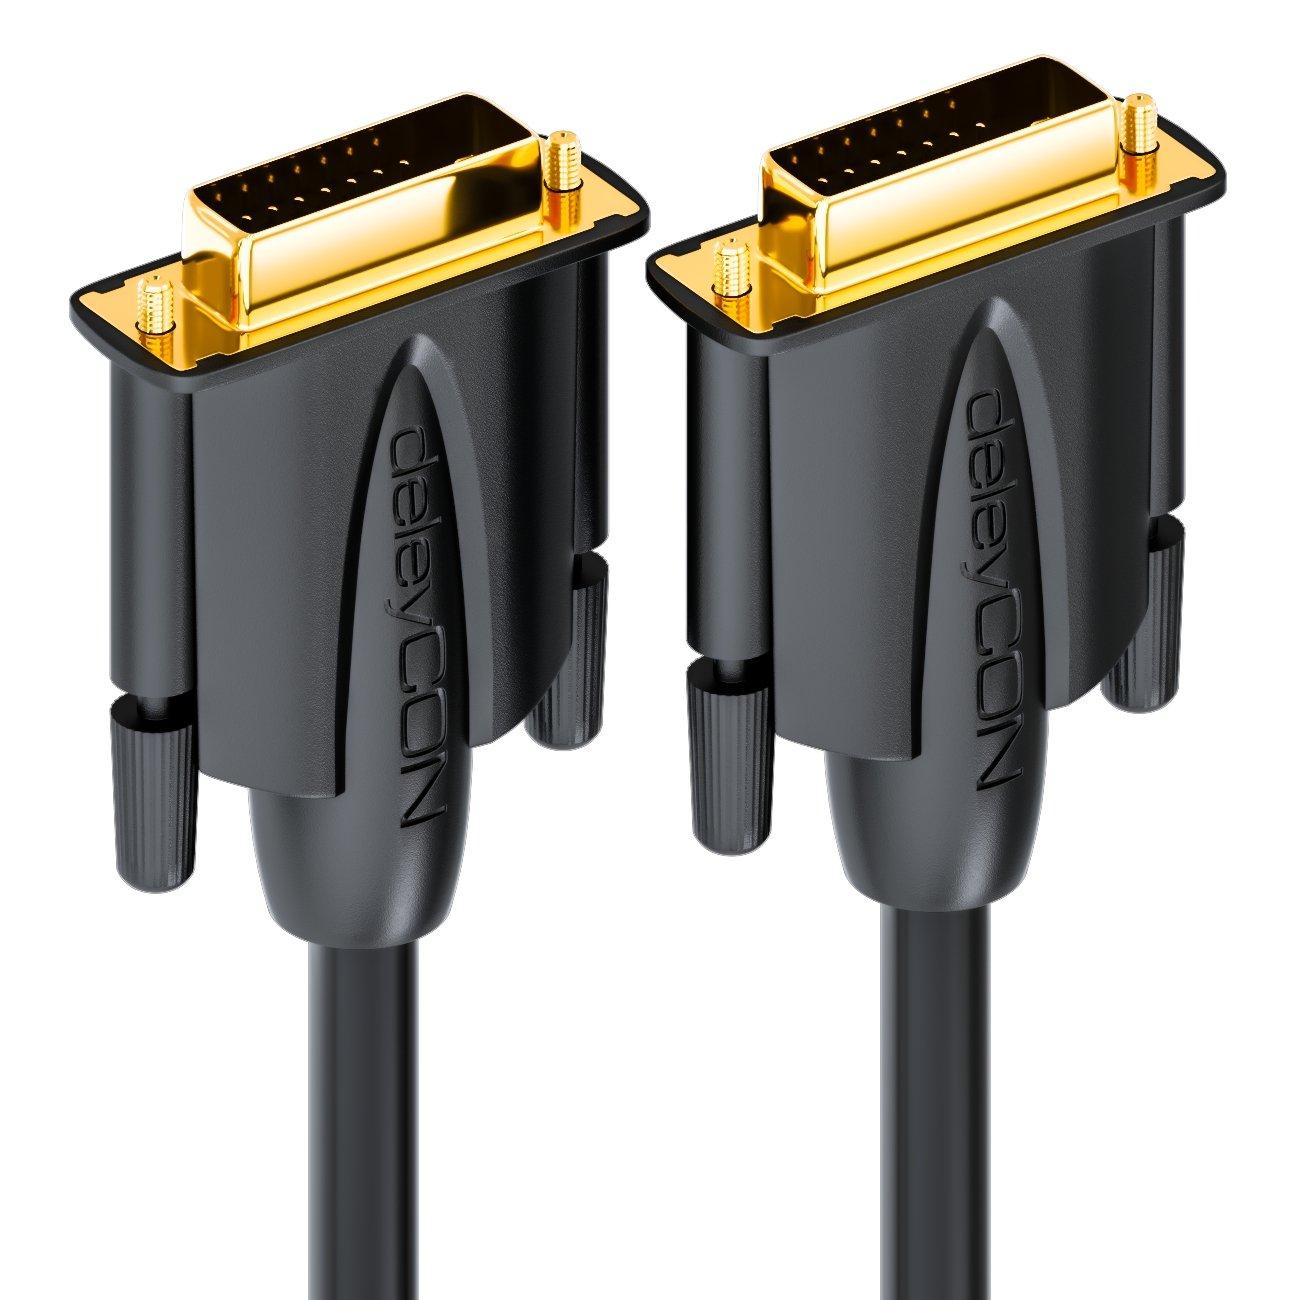 Negro deleyCON 3m Cable DVI de Doble Enlace 24+1 HDTV Resoluciones de hasta 2560x1080 Full HD 1080p Compatible con 3D DVI-D Contactos Dorados